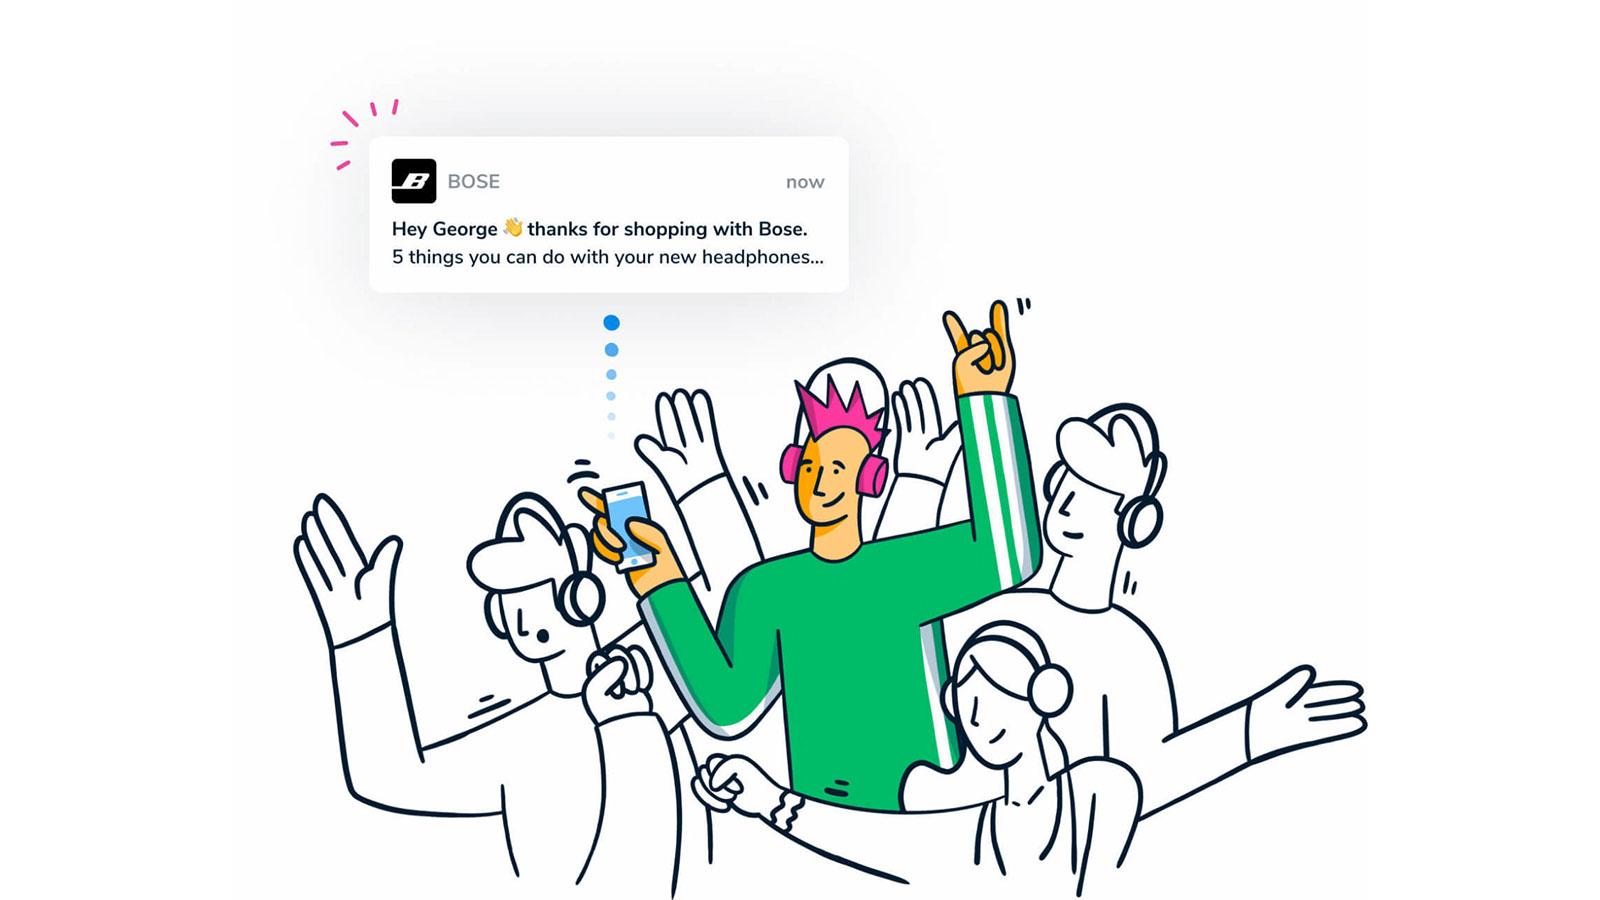 ユーザーに合わせたプッシュ通知を送信するOneSignal